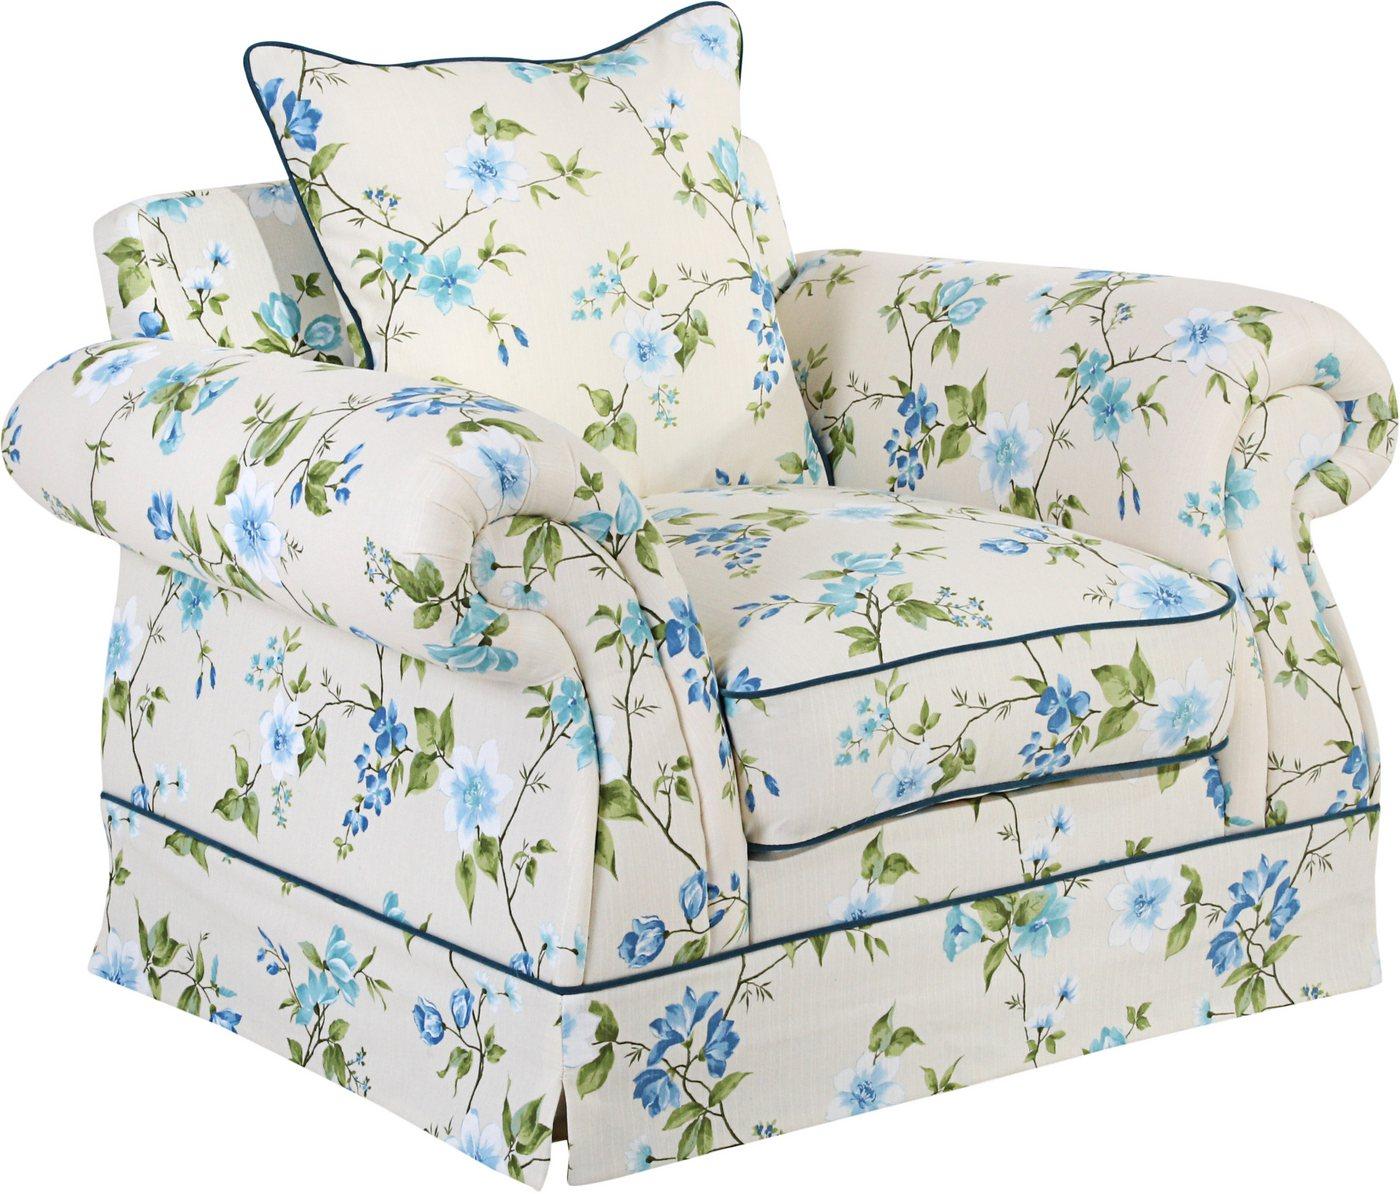 MAX WINZER® fauteuil Summerville in retro-look